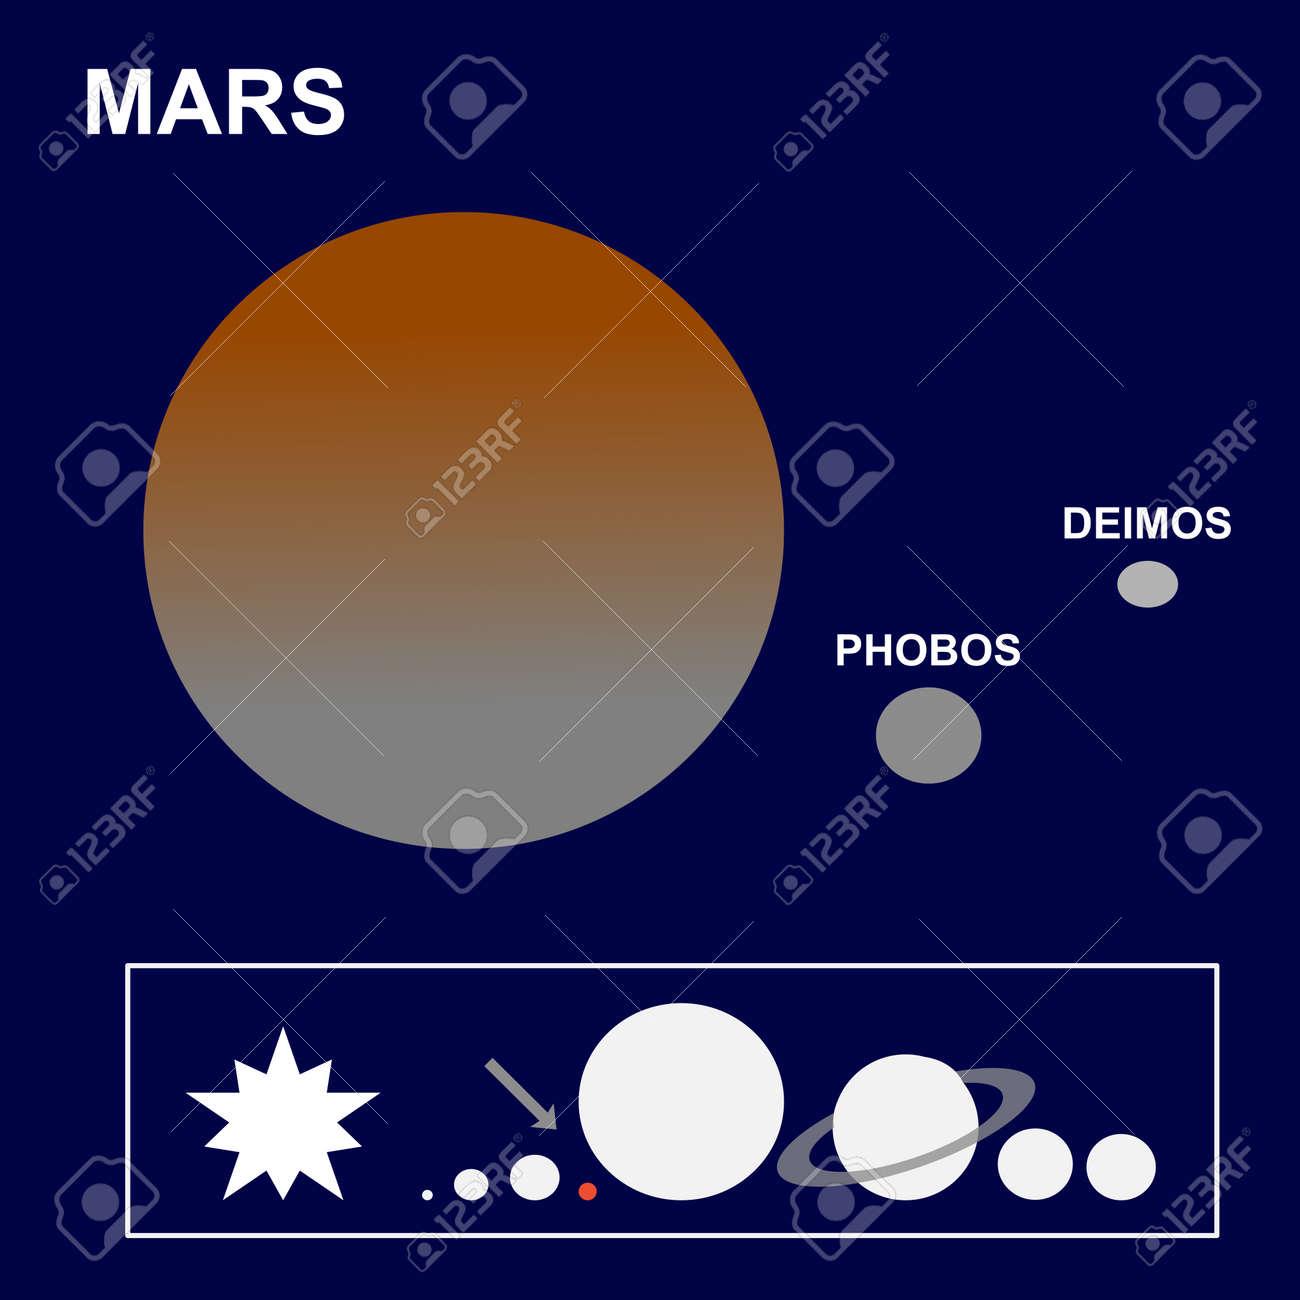 Marte: El Cuarto Planeta Del Sistema Solar Sus Satélites Phobos Y ...